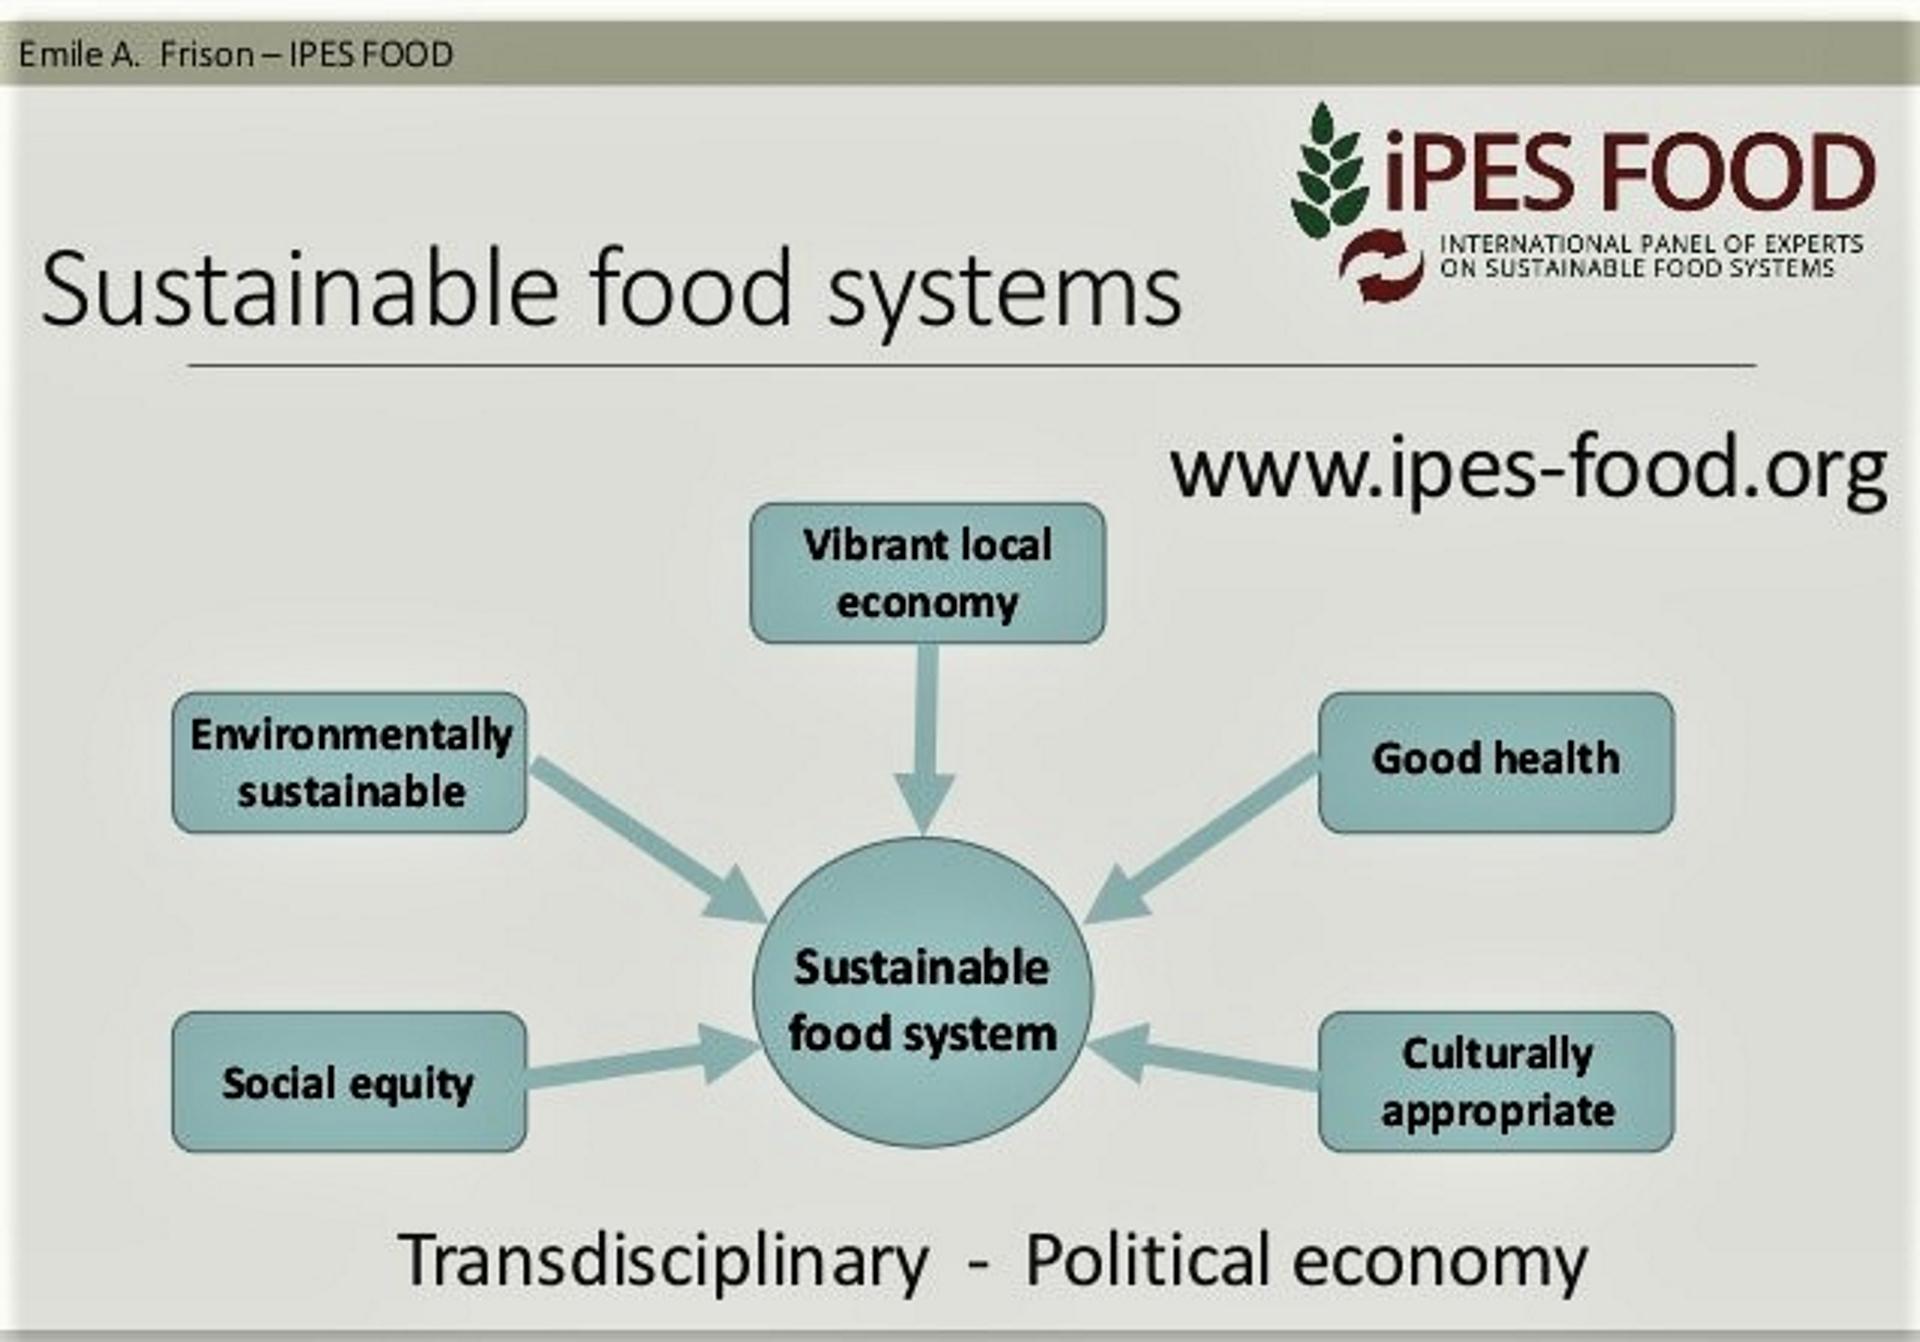 PAC_Food System_Mani Tese_2017